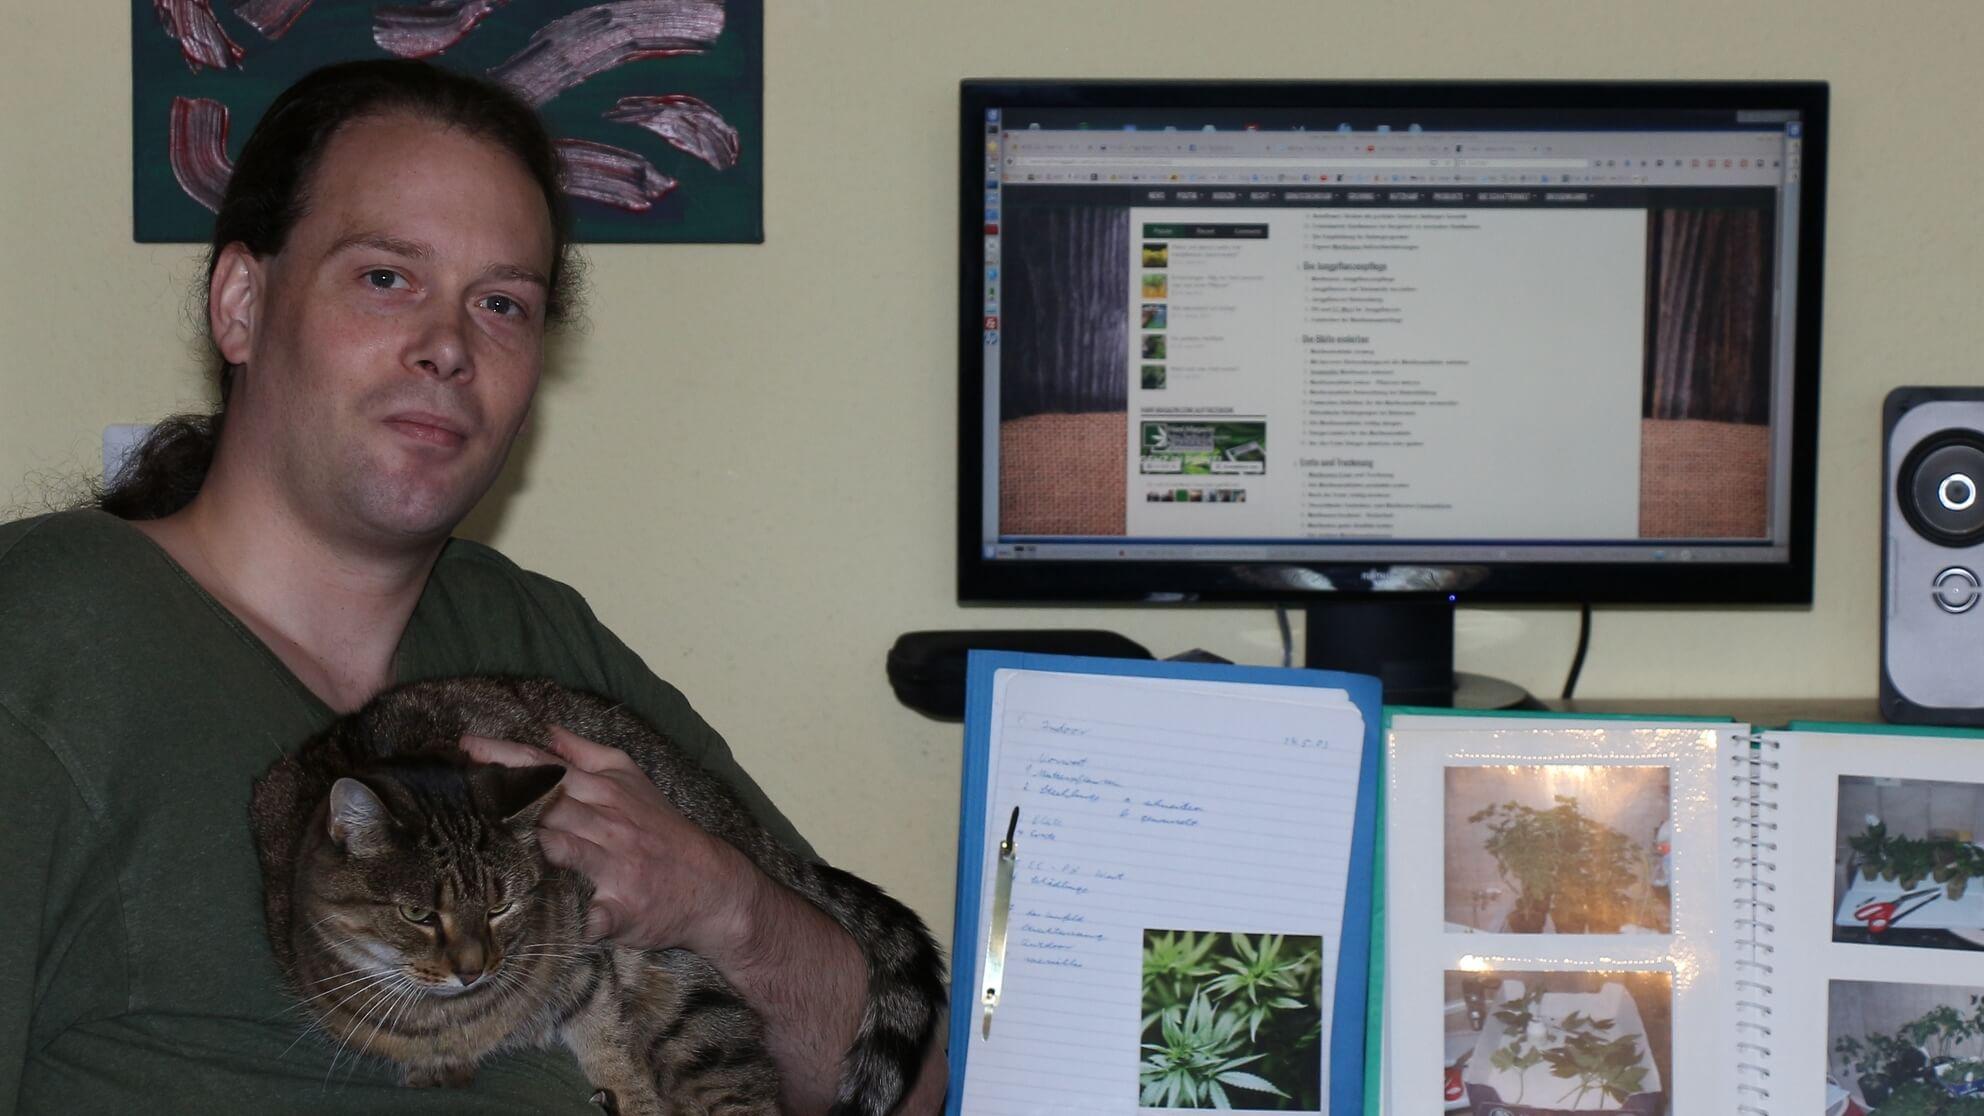 Hier geht es mit dem Projekt Hanftube weiter – im Homeoffice mit der House-Cat Dgani